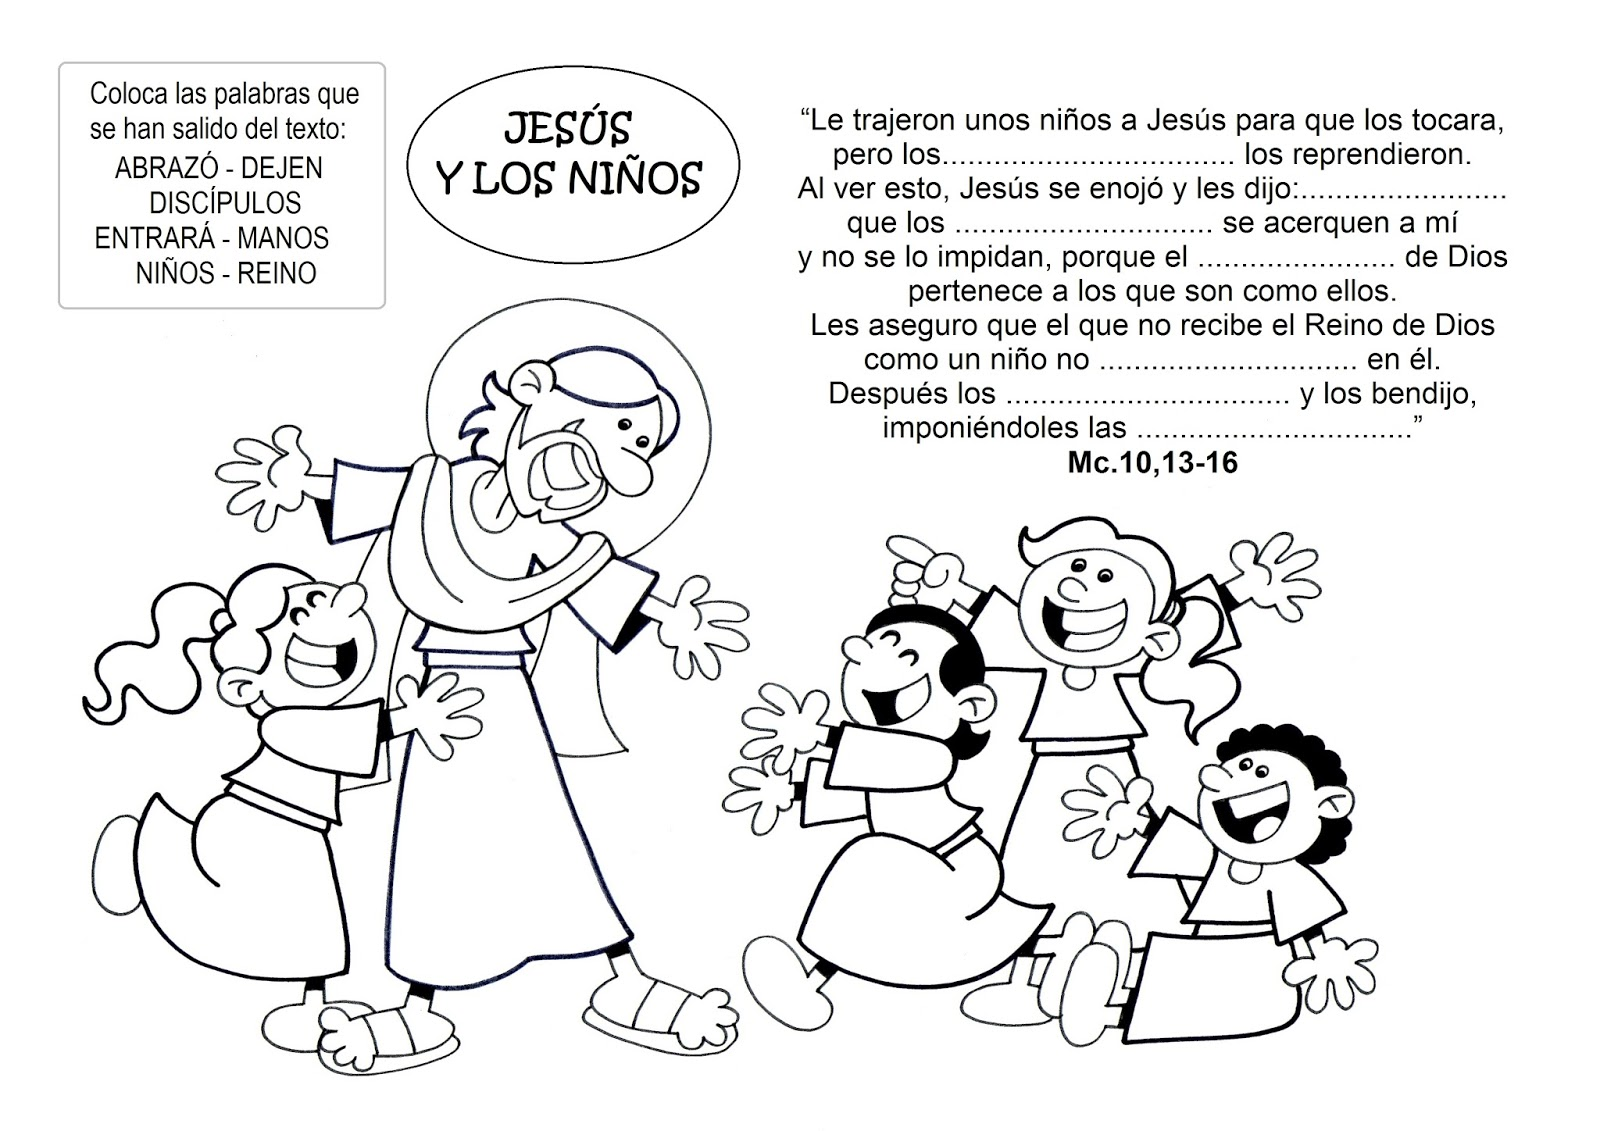 Dibujo De La Palabra Otoño Para Colorear Con Los Niños: La Catequesis (El Blog De Sandra): Dibujos Para Colorear